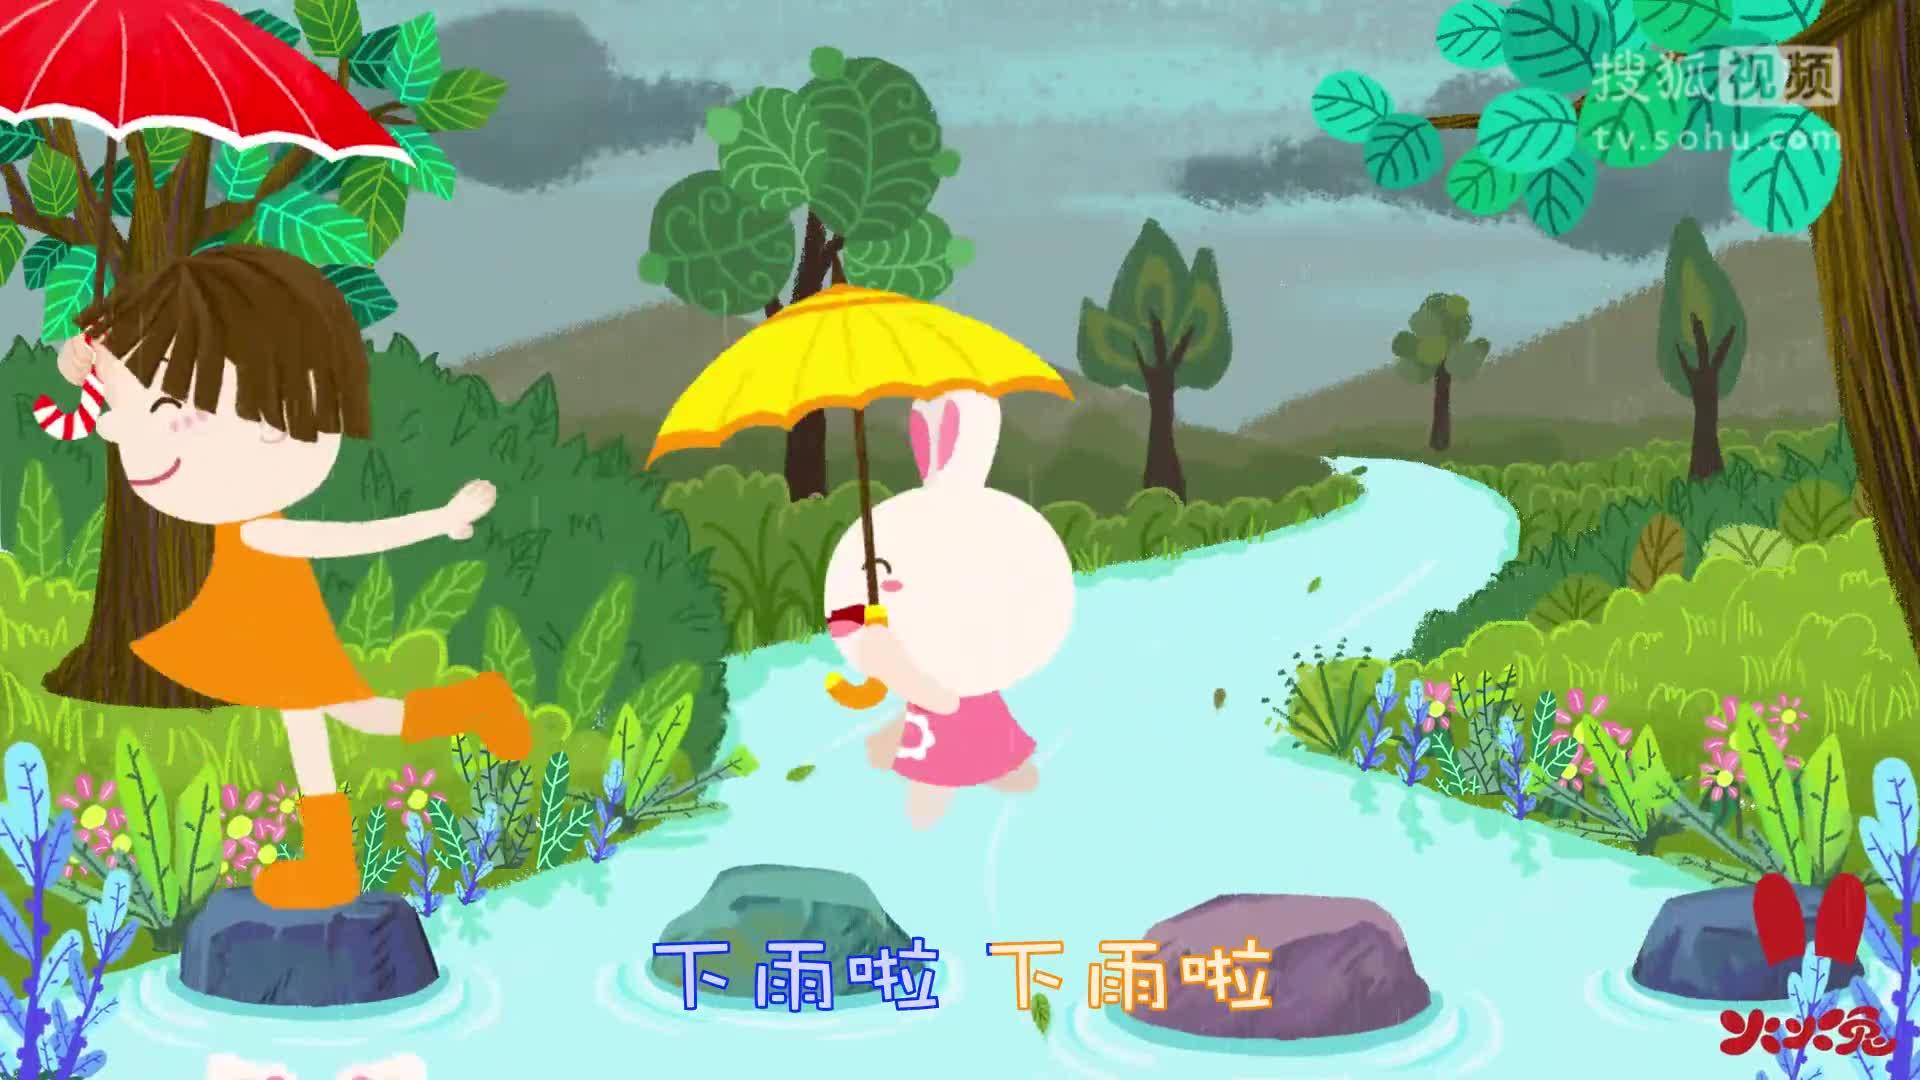 《火火兔儿歌》春天在哪里(经典版) 2017-03-31期 《火火兔儿歌》小